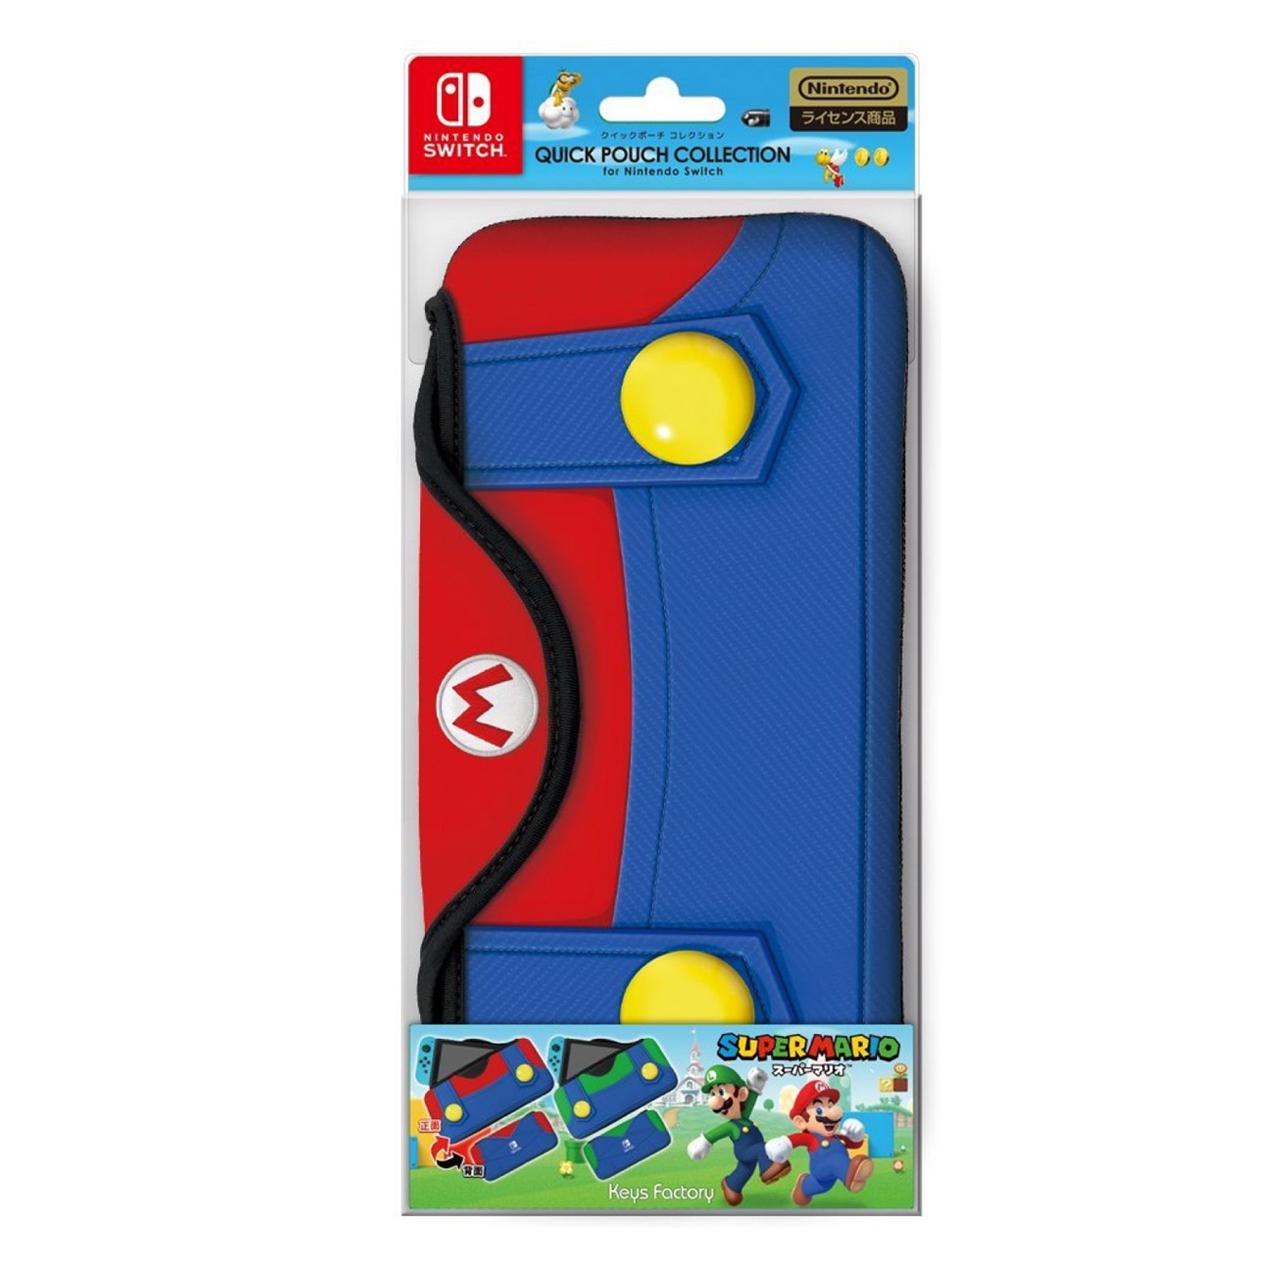 Quickpouch Mario Collection for Nintendo Switch (Type-A) กระเป๋าผ้านุ่ม กันกระแทก สีน้ำเงินแดง ลายมาริโอ ราคา 790.- */ส่งฟรี